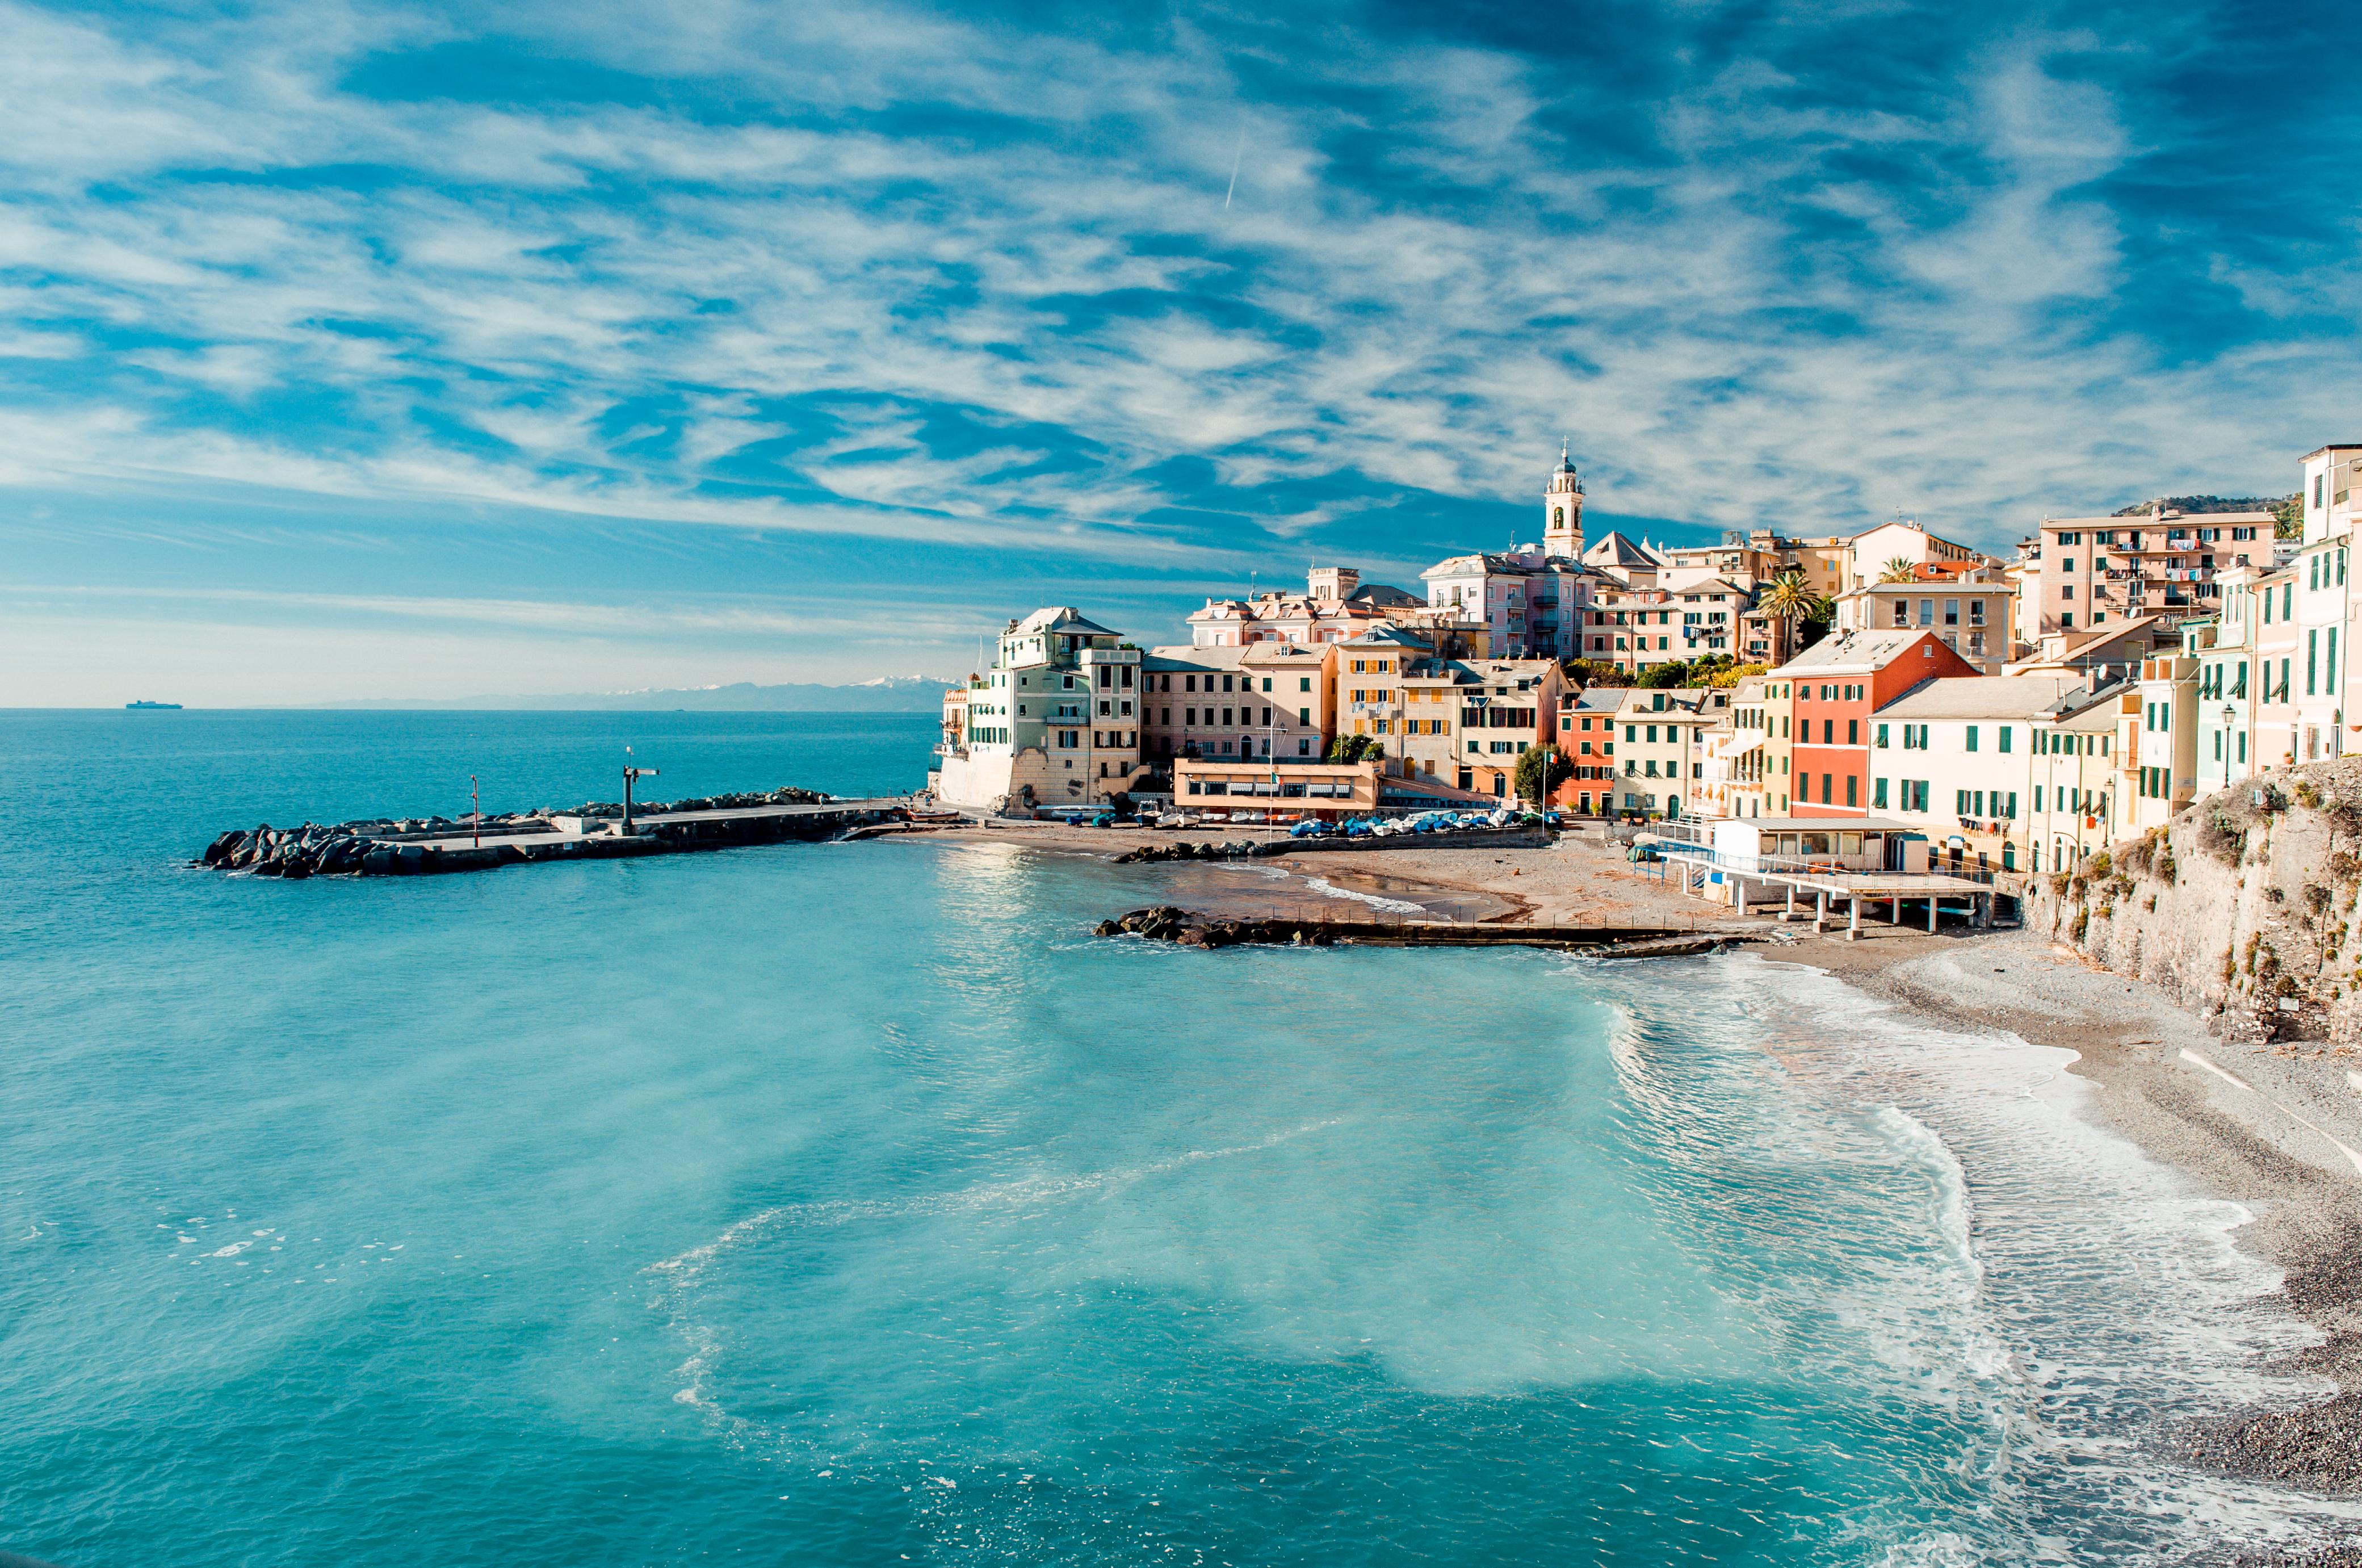 欧洲旅游业:中美游客空缺,今夏依靠国内游客救市